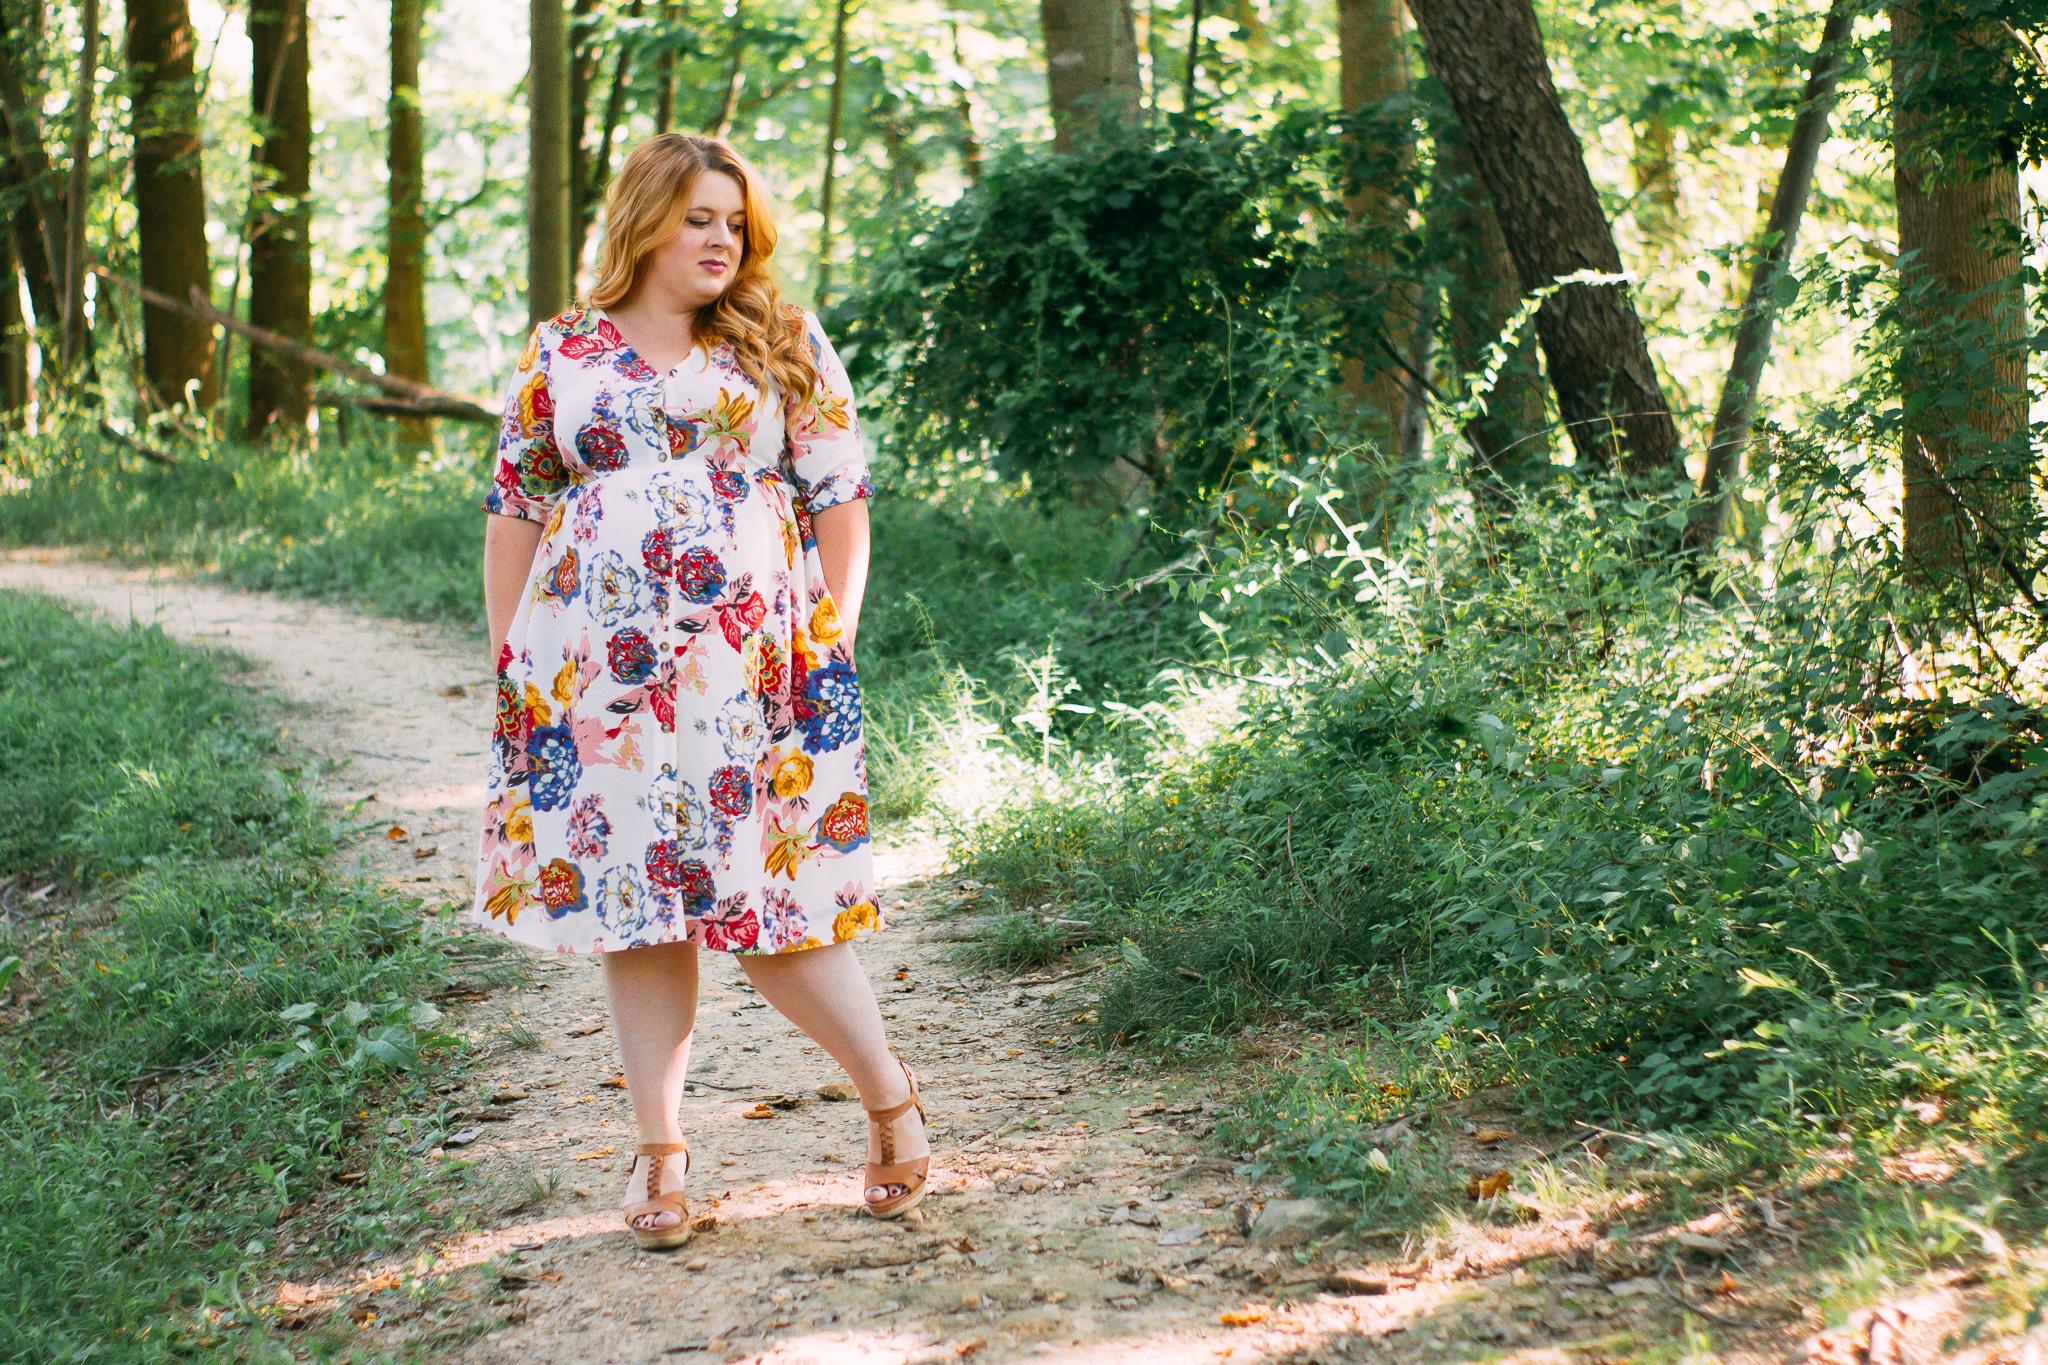 MNP2001 Megan Nielsen Damas Vestido de 2001 Darling rangos de patrón de costura